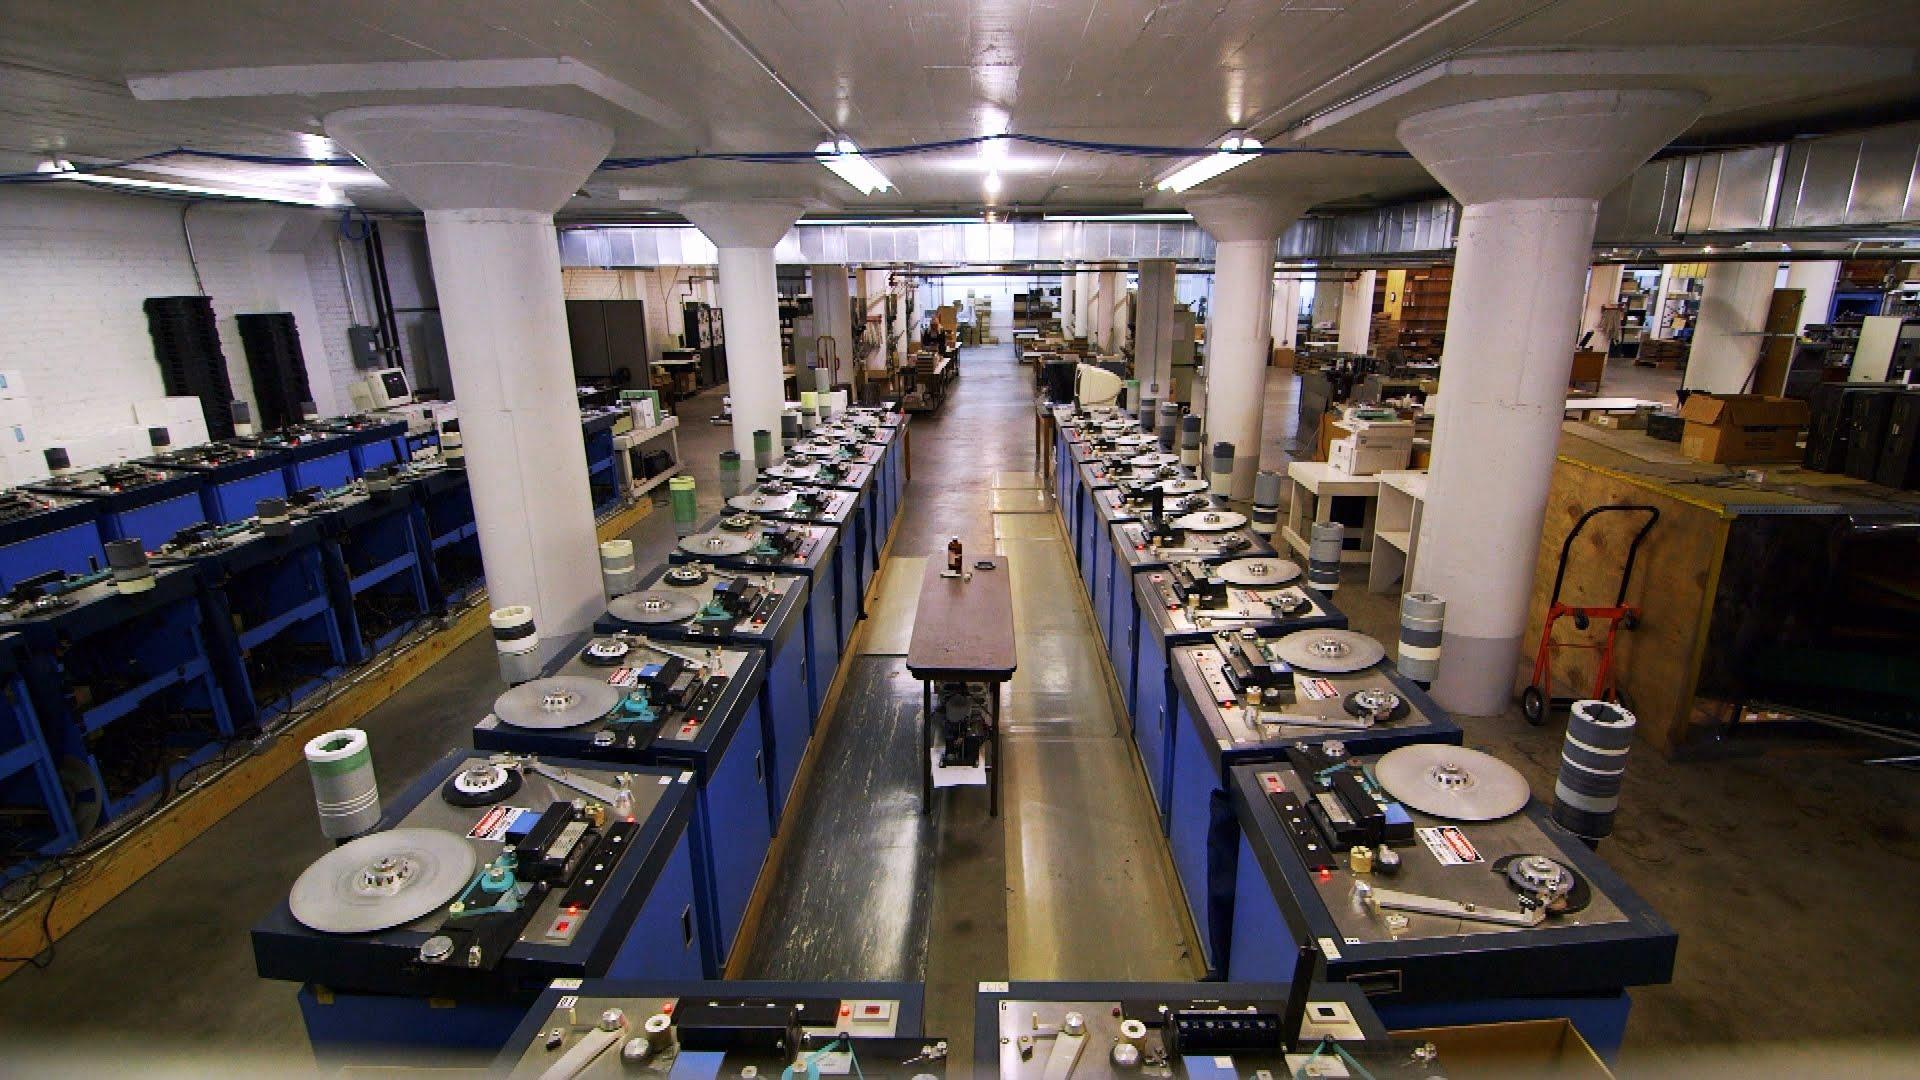 Így néz ki a National Audio Company gyárcsarnoka (Fotó: nactape.com)